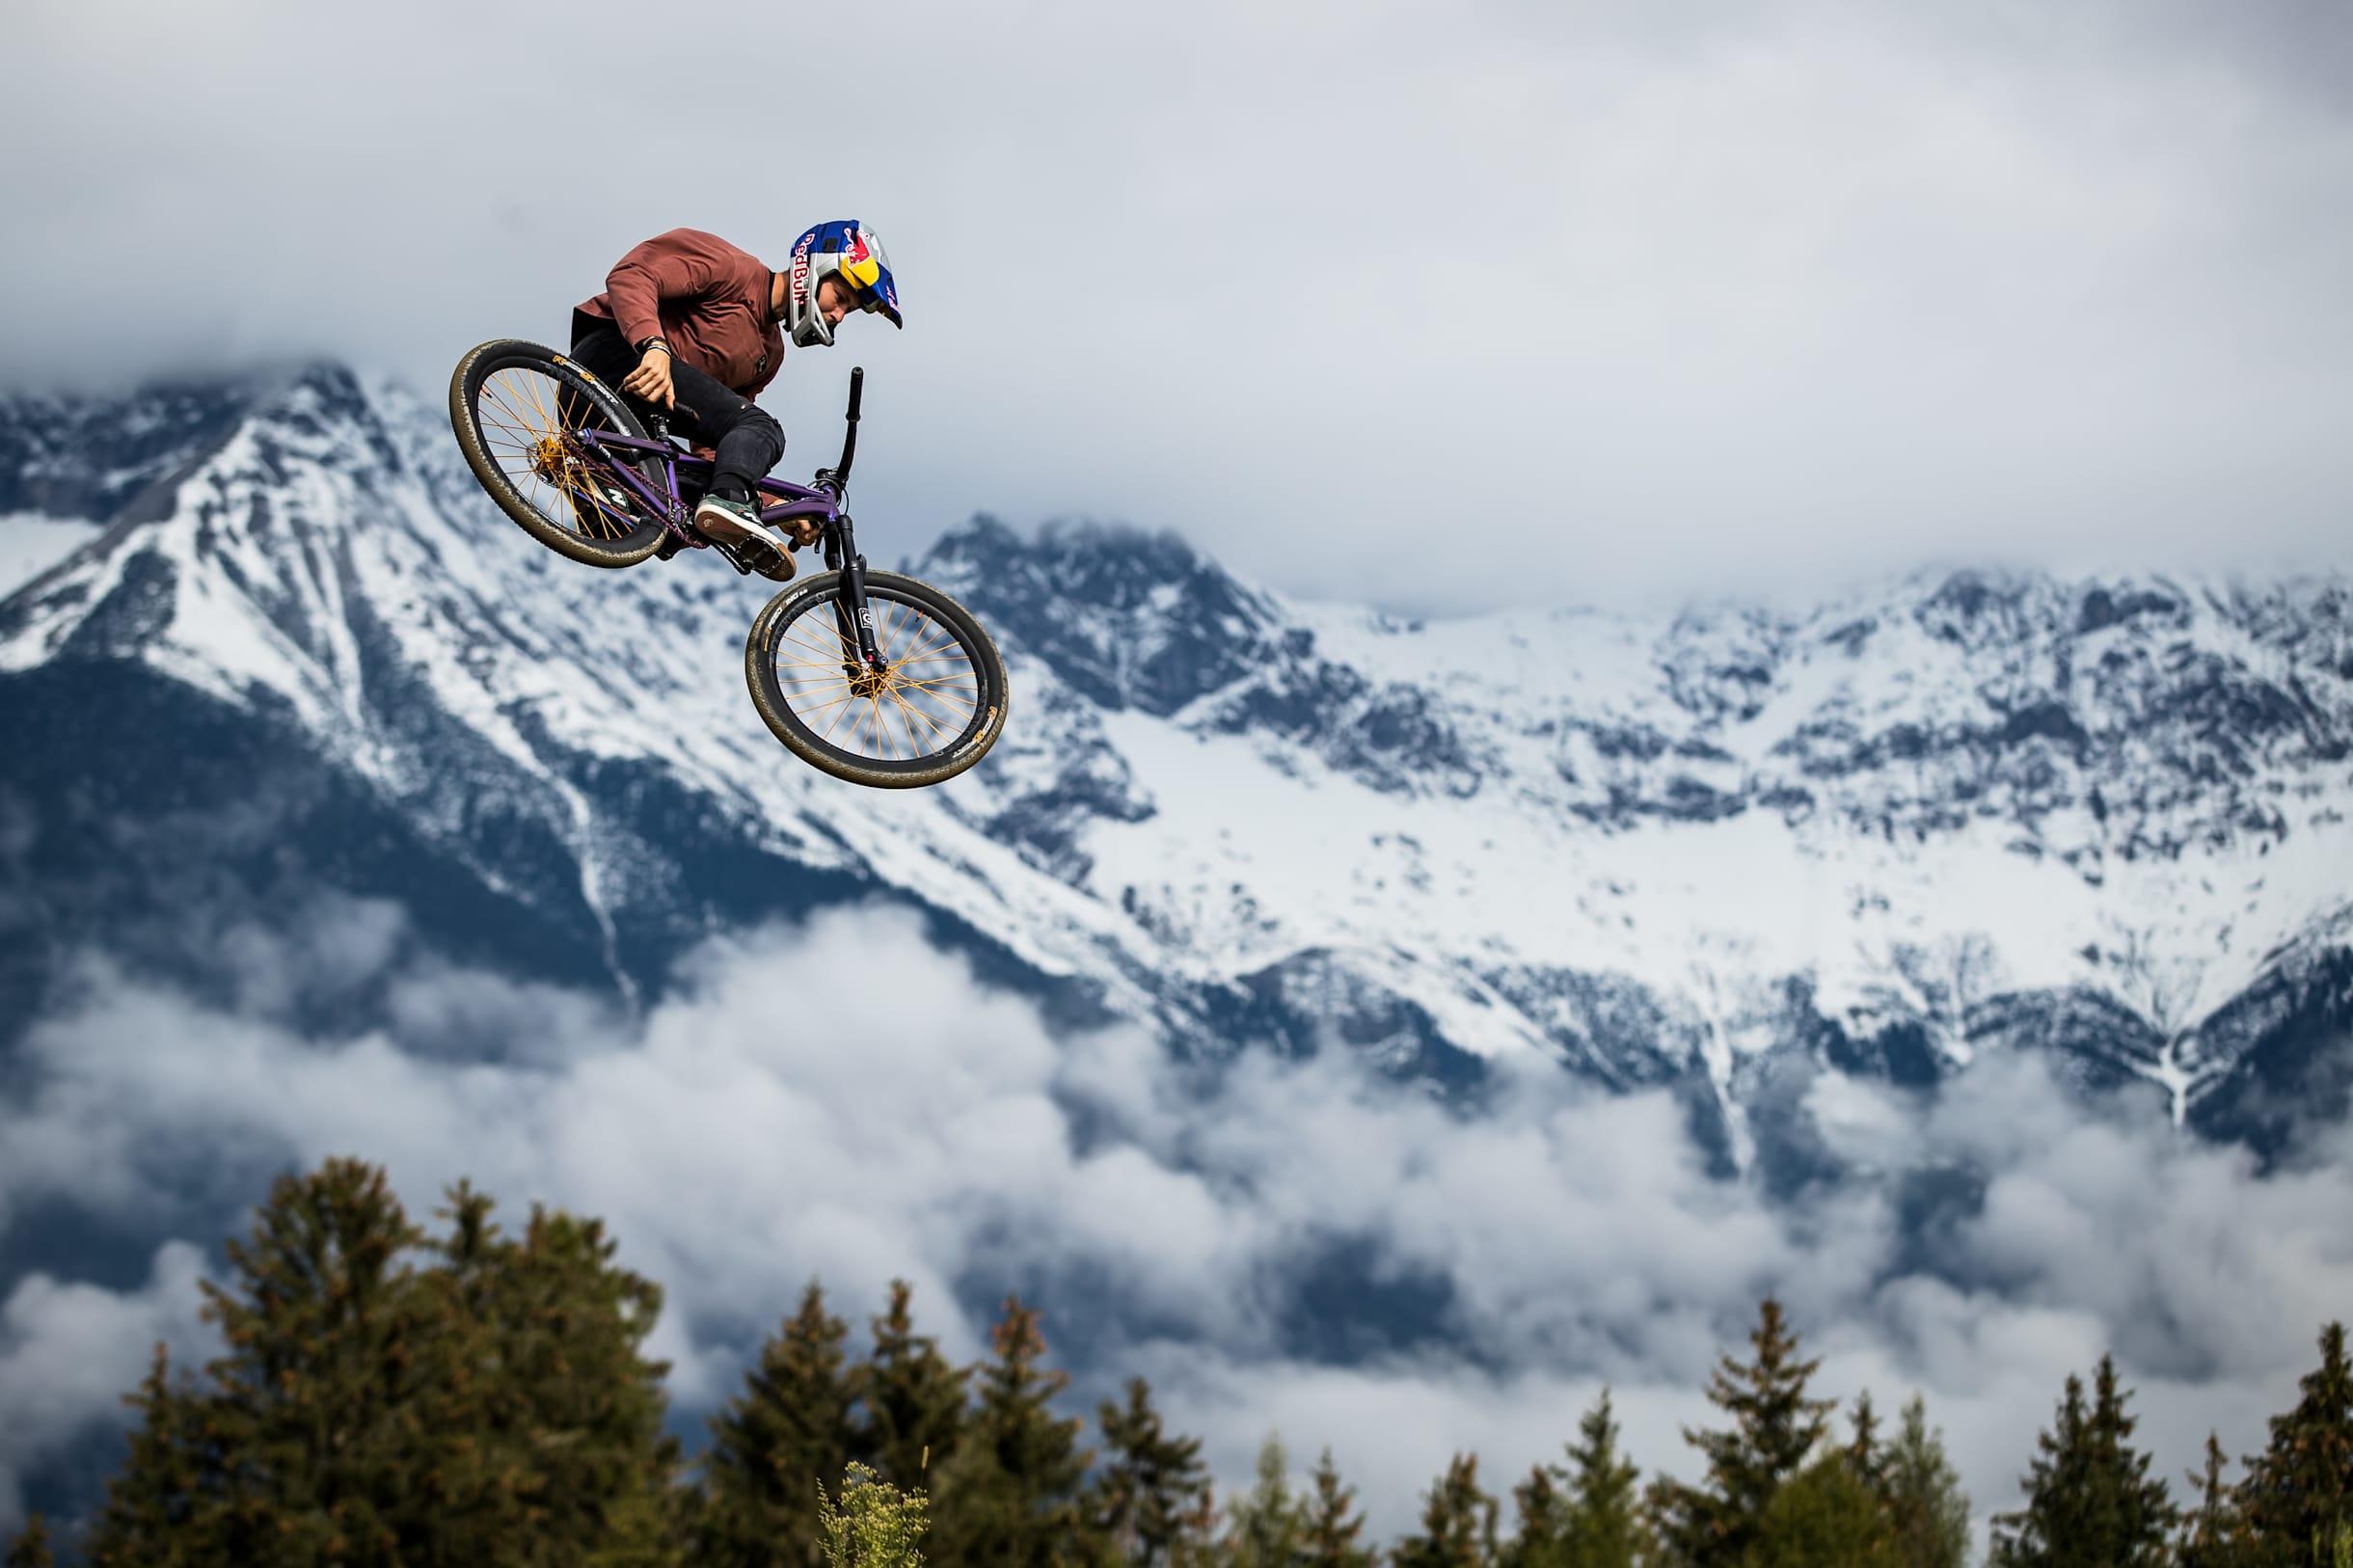 Dawid Godziek durante la prueba de slopestyle en el Crankworx World Tour en Innsbruck, Austria, el 30 de septiembre de 2020.